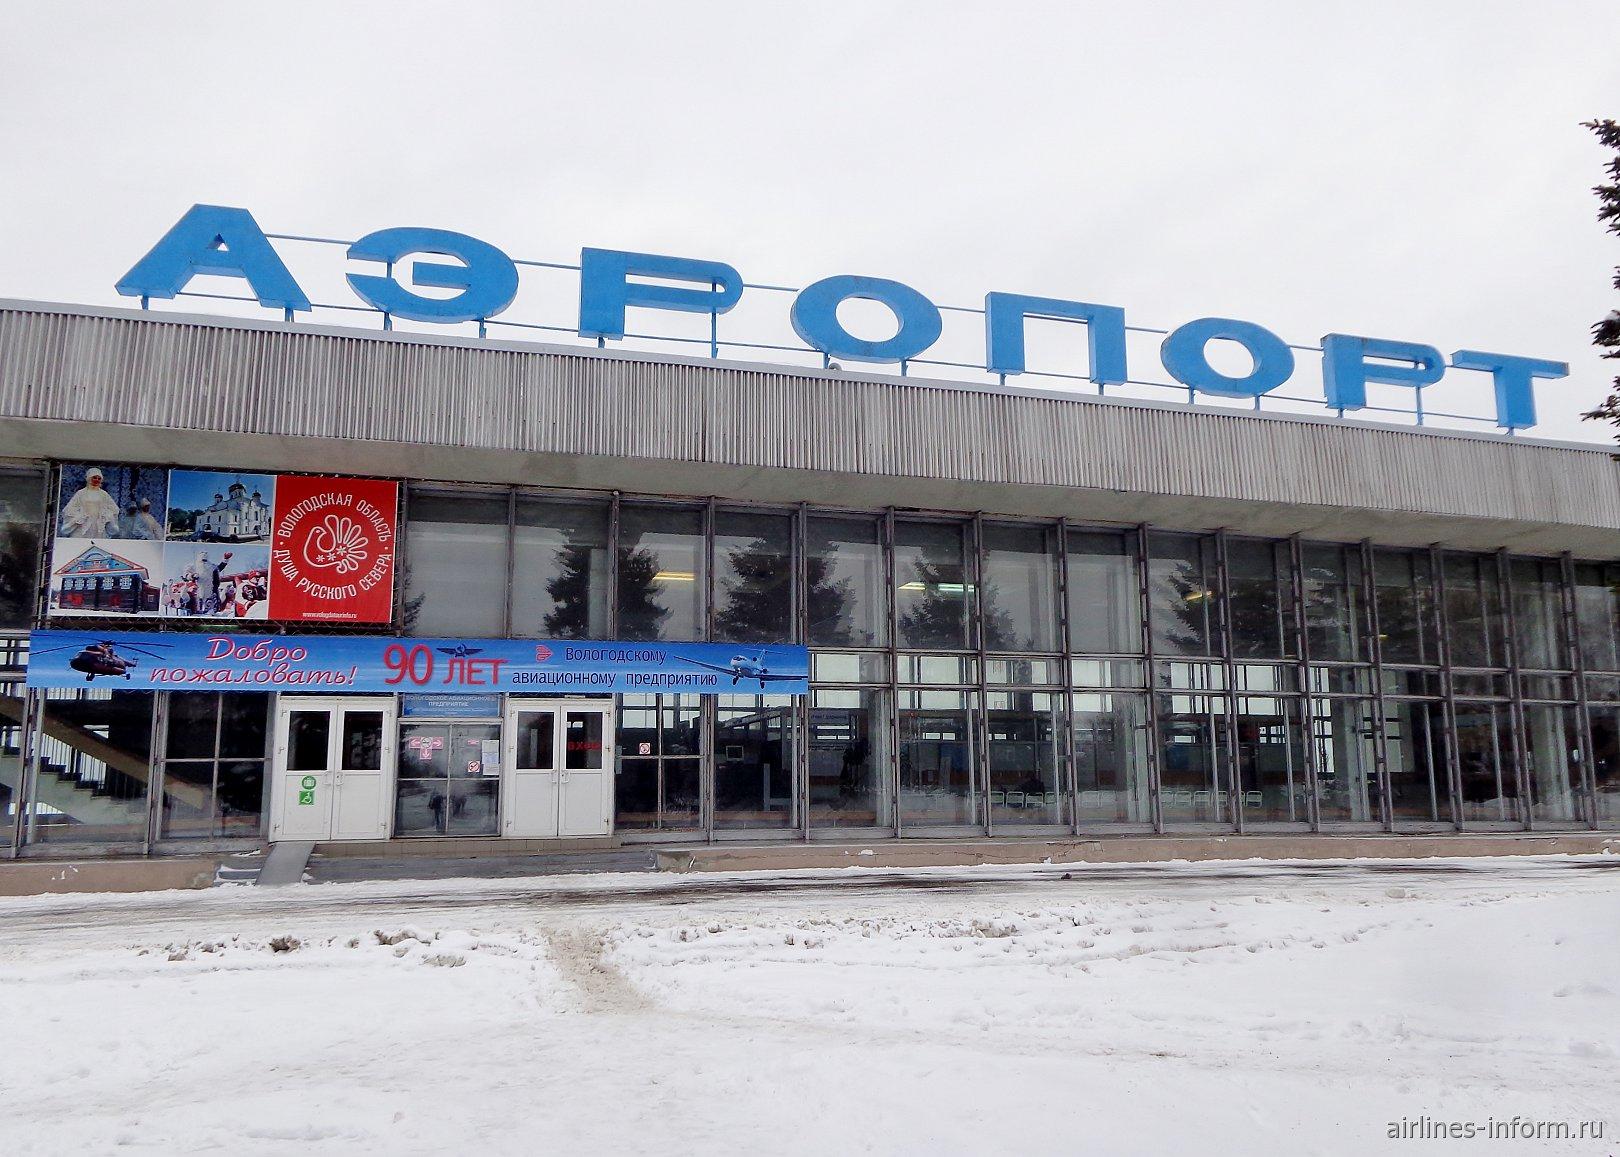 Аэровокзал аэропорта Вологда со стороны привокзальной площади